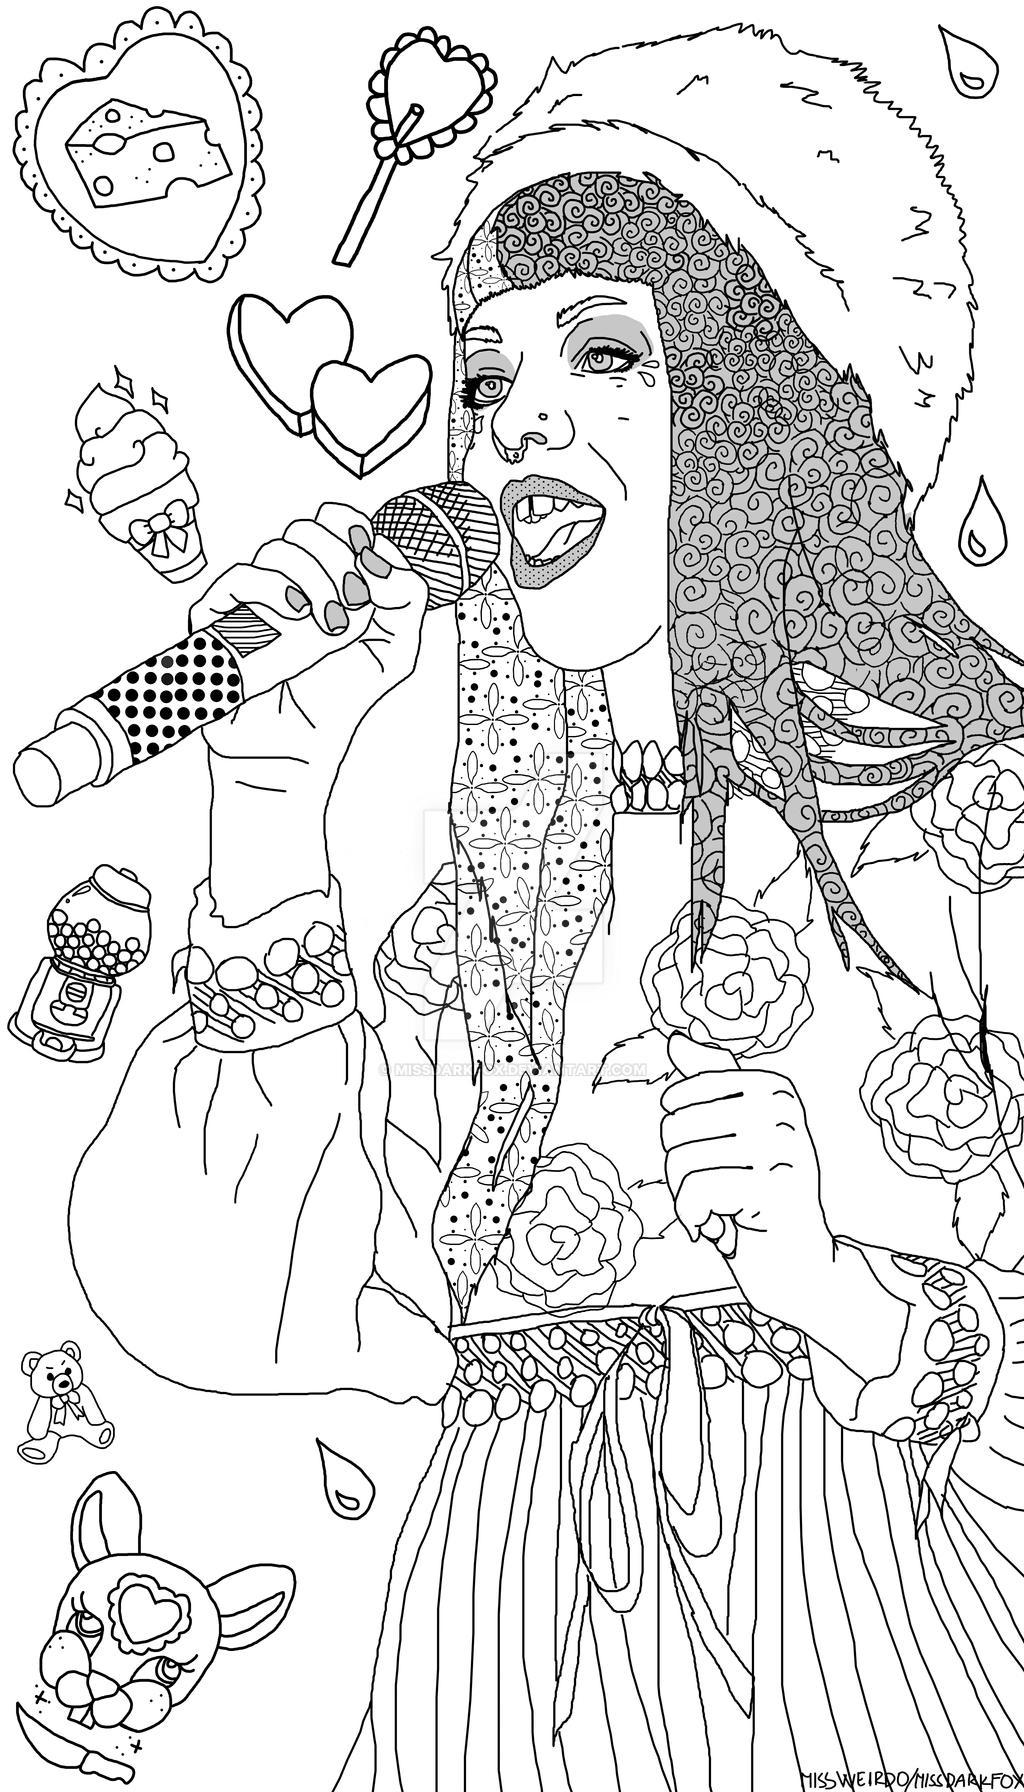 Melanie Martinez Colouring page by MissDarkFox on DeviantArt